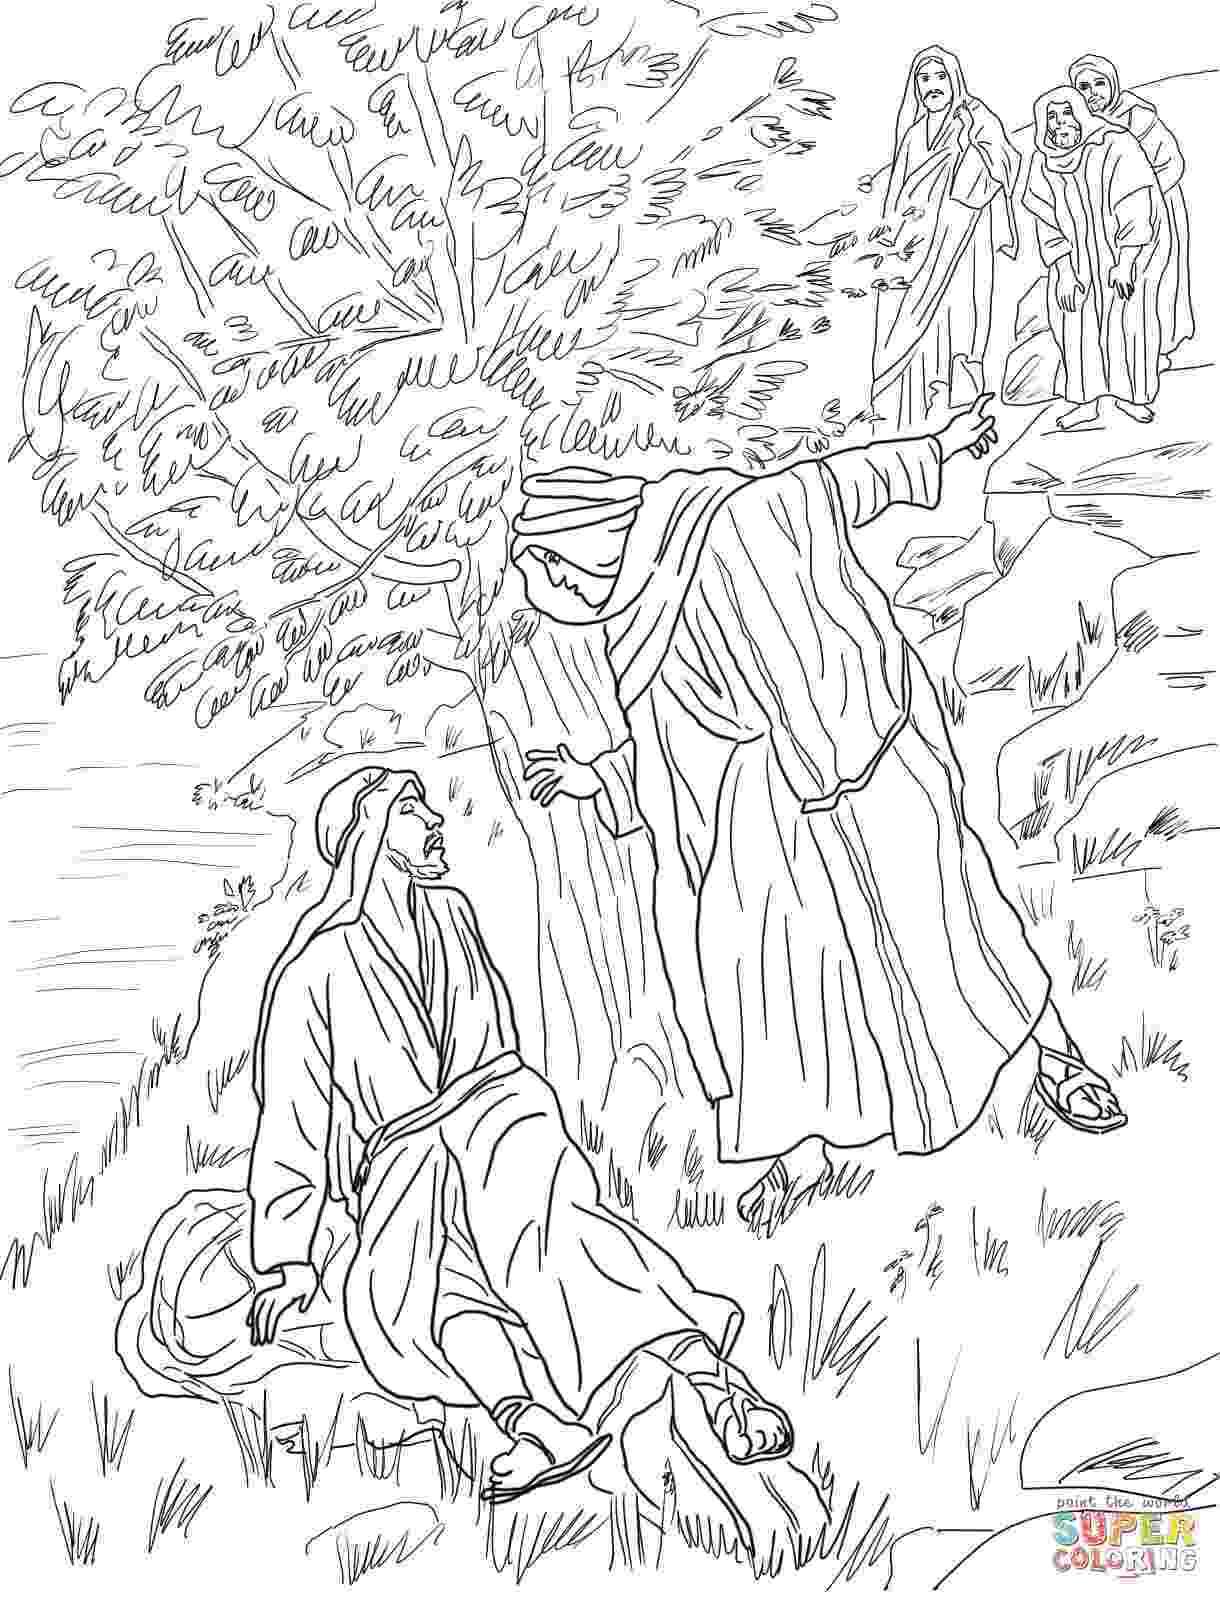 jesus transfiguration coloring page transfiguration of jesus coloring pages transfiguration coloring jesus transfiguration page